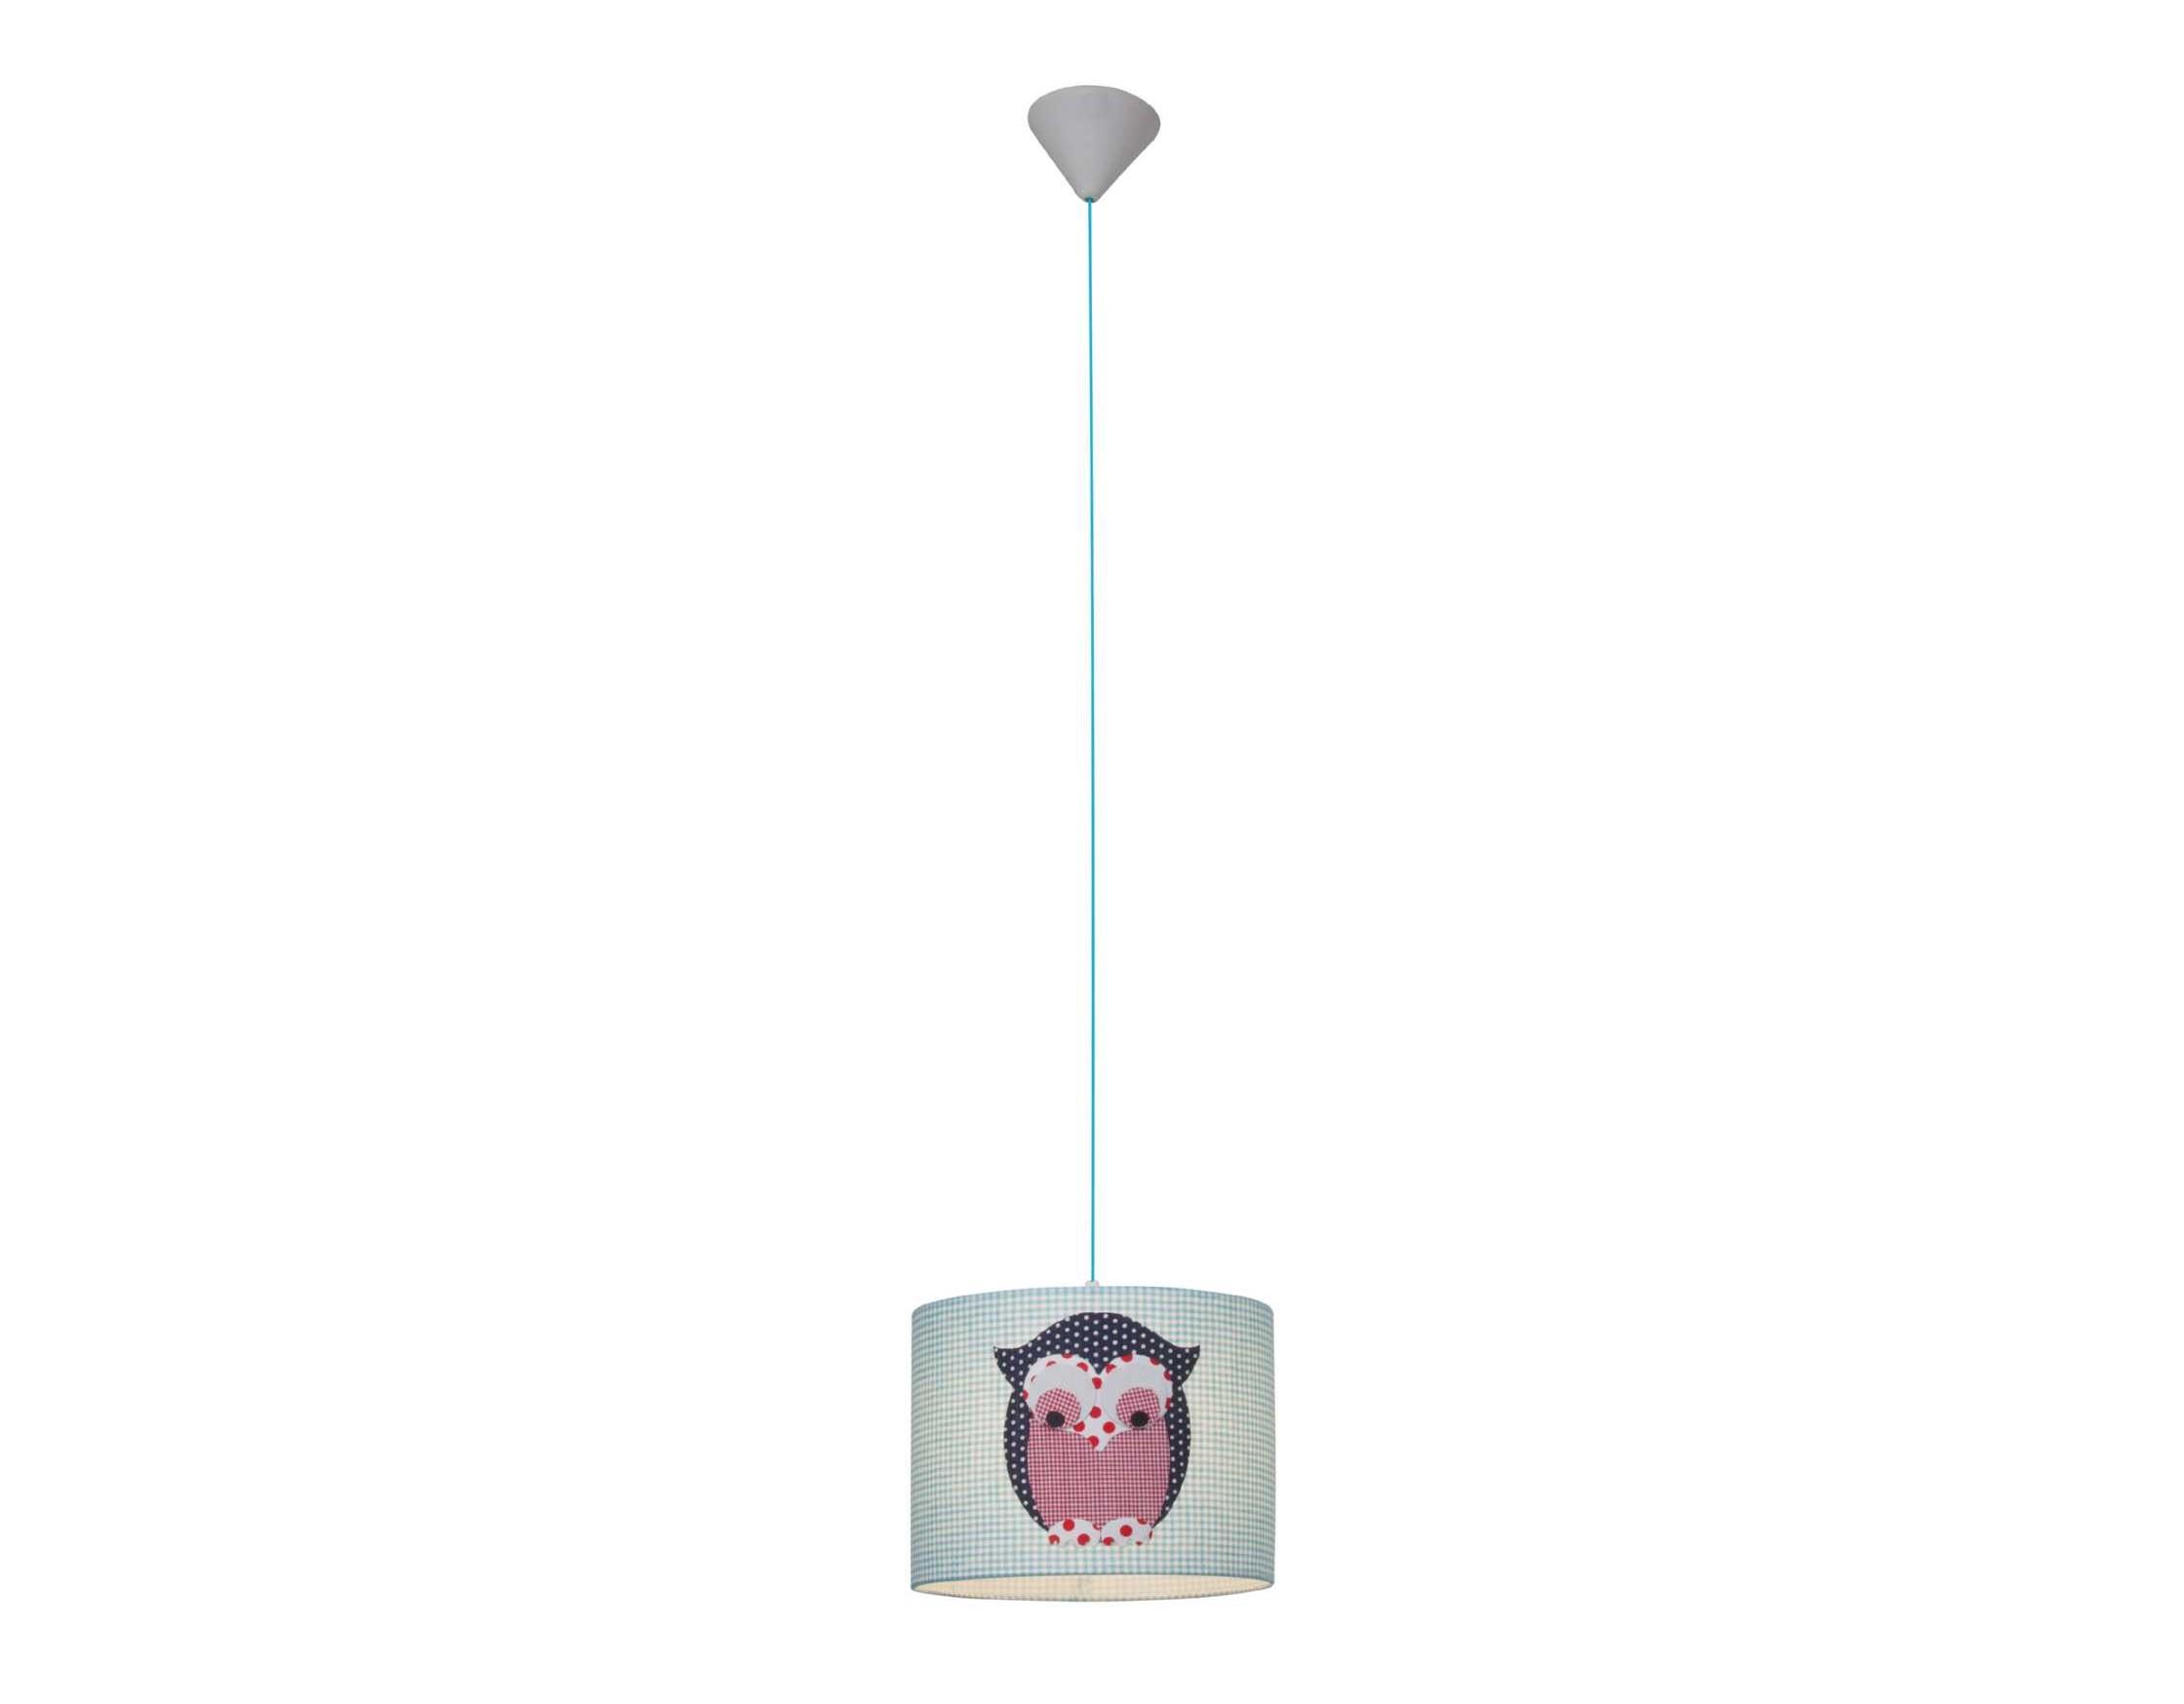 Светильник подвесной WoolyПодвесные светильники<br>Вид цоколя: Е27&amp;lt;div&amp;gt;Мощность ламп: 40W&amp;lt;/div&amp;gt;&amp;lt;div&amp;gt;Количество ламп: 1&amp;lt;/div&amp;gt;&amp;lt;div&amp;gt;Высота светильника регулируется от 23 до 135 см&amp;lt;/div&amp;gt;&amp;lt;div&amp;gt;Материалы: пластик, текстиль&amp;lt;/div&amp;gt;&amp;lt;div&amp;gt;&amp;lt;span style=&amp;quot;line-height: 24.9999px;&amp;quot;&amp;gt;Наличие ламп: нет&amp;lt;/span&amp;gt;&amp;lt;br&amp;gt;&amp;lt;/div&amp;gt;<br><br>Material: Пластик<br>Height см: 135<br>Diameter см: 30